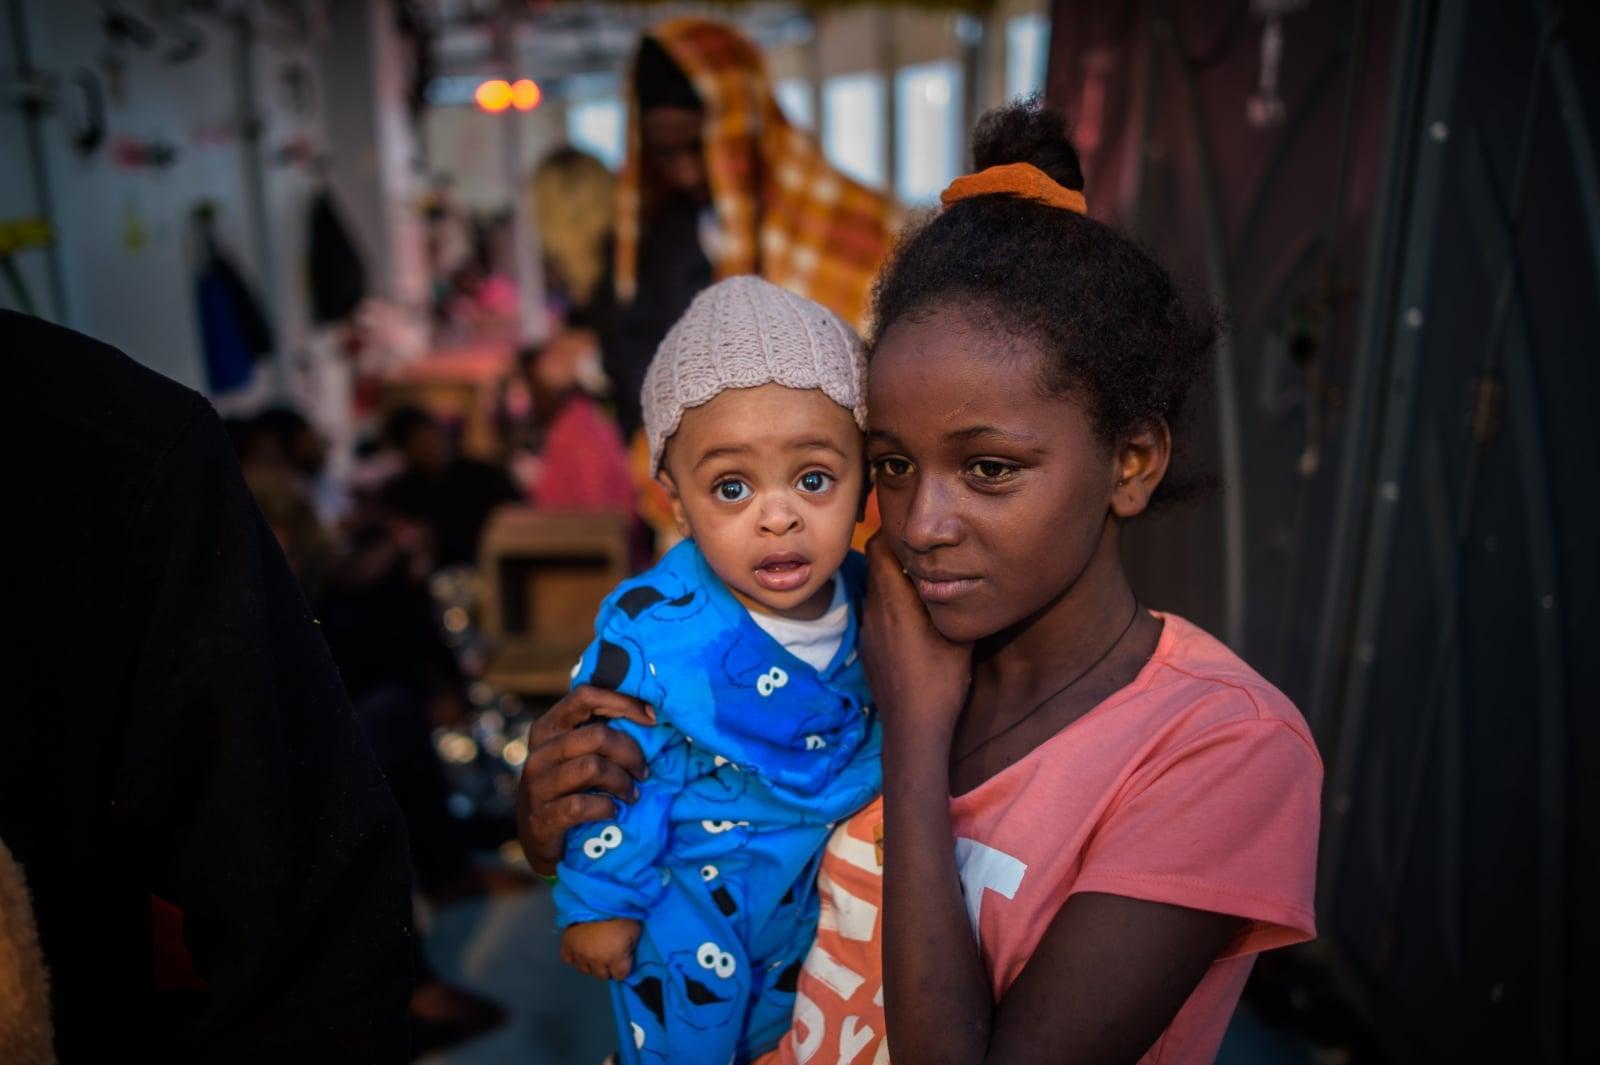 Uchodźcy nad Morzem Śródziemnym fot. EPA/CHRISTOPHE PETIT TESSON